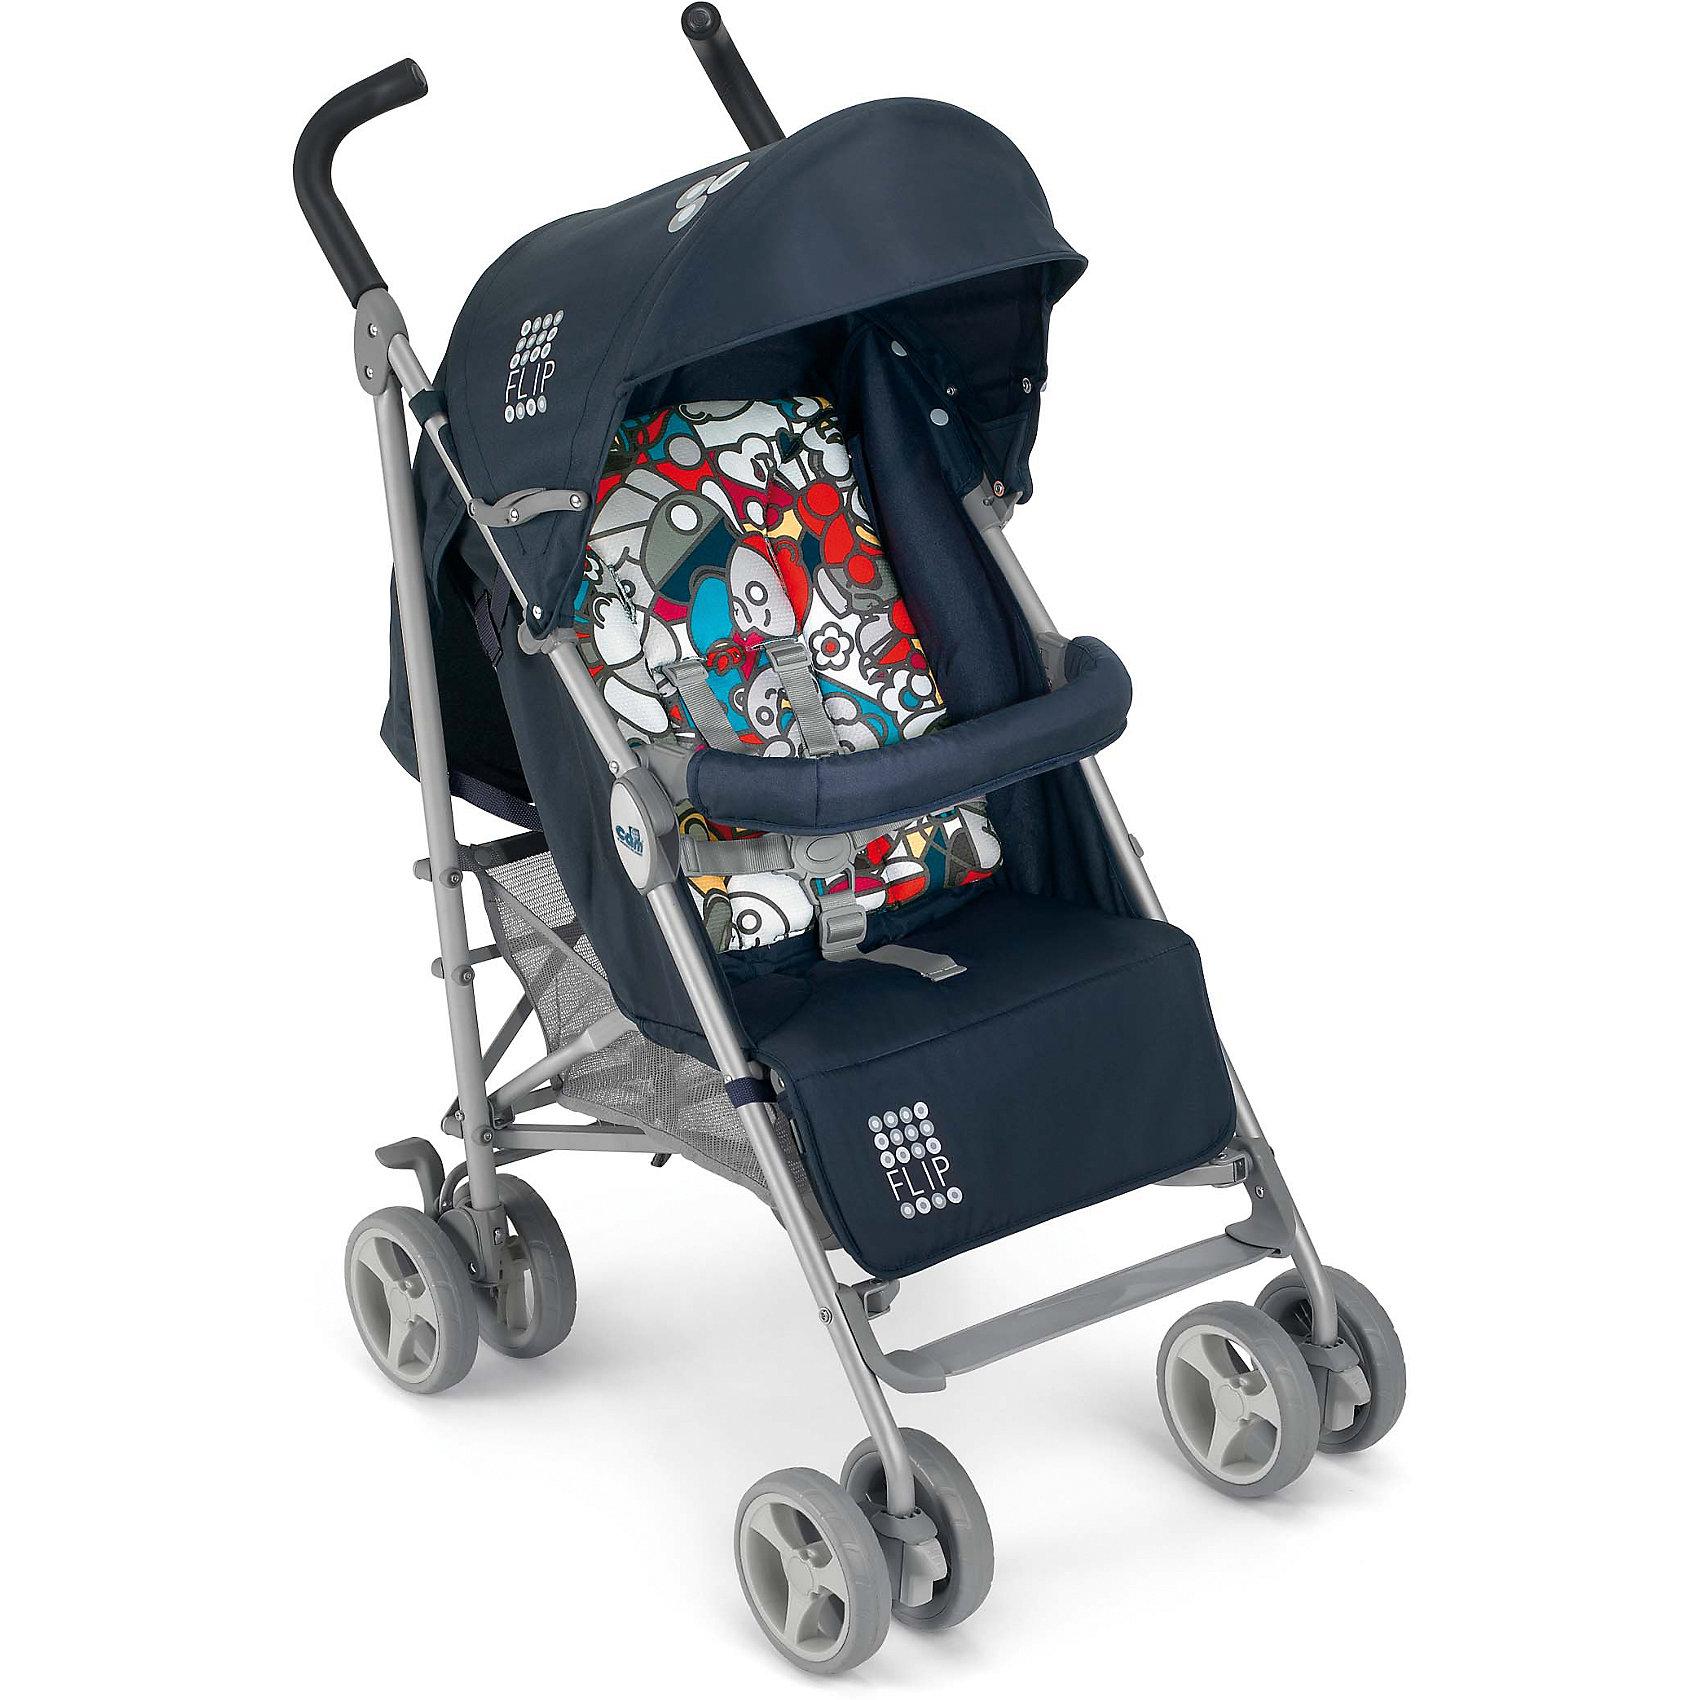 Коляска-трость CAM Flip, синийКоляски-трости<br>Коляска-трость Flip, CAM, синий – легкая, компактная, маневренная прогулочная коляска.<br>Прогулочная коляска с облегченной алюминиевой рамой и механизмом складывания типа трость позволит совершать с малышом как прогулки по городу, так и брать ее с собой в поездки. Модель имеет регулируемую спинку (плавное регулирование на тесемке), удобное мягкое сидение и мягкий вкладыш-матрасик. Пятиточечные ремни безопасности и съемный бампер с мягким тканевым покрытием обеспечат надежную фиксацию ребенка и не позволят ему выскользнуть. Подставка для ножек регулируемая. Капюшон, с солнцезащитным козырьком защитит ребенка от повышенной солнечной активности, а дождевик, фиксируемый четырьмя липучками, убережет от промокания в непогоду. Предусмотрена вместительная корзина для покупок. У коляски удобные, эргономичной формы ручки из нескользящего, приятного на ощупь материала. Колеса пластиковые сдвоенные. Маневренность и повышенная проходимость коляски достигается благодаря передним, вращающимся на 360° колесам с возможностью фиксации. На задних колёсах - ножной тормоз, с помощью которого их можно заблокировать одной ногой. Пружинная система амортизации позволяет уменьшить тряску от неровностей на дороге. Коляска без проблем преодолеет трудные участки дороги, грязь, и без труда развернется на месте. В сложенном виде не занимает много места, благодаря малогабаритности и компактности, ее можно хранить в небольшом помещении. Имеется замок от случайного раскладывания сложенной коляски и ручка для переноски сложенной коляски. Изготовлена из гигиеничных, современных материалов, в соответствие с европейским стандартом качества для детских товаров. Коляска-трость Cam Flip прошла успешно тесты на износостойкость и самопроизвольное складывание.<br><br>Дополнительная информация:<br><br>- В комплекте: дождевик<br>- Цвет: синий<br>- Защита: бампер, 5-ти точечные ремни<br>- Рама: алюминий<br>- Колеса: пластиковые<br>- Диаметр колес: 17 см.<br>- Шири